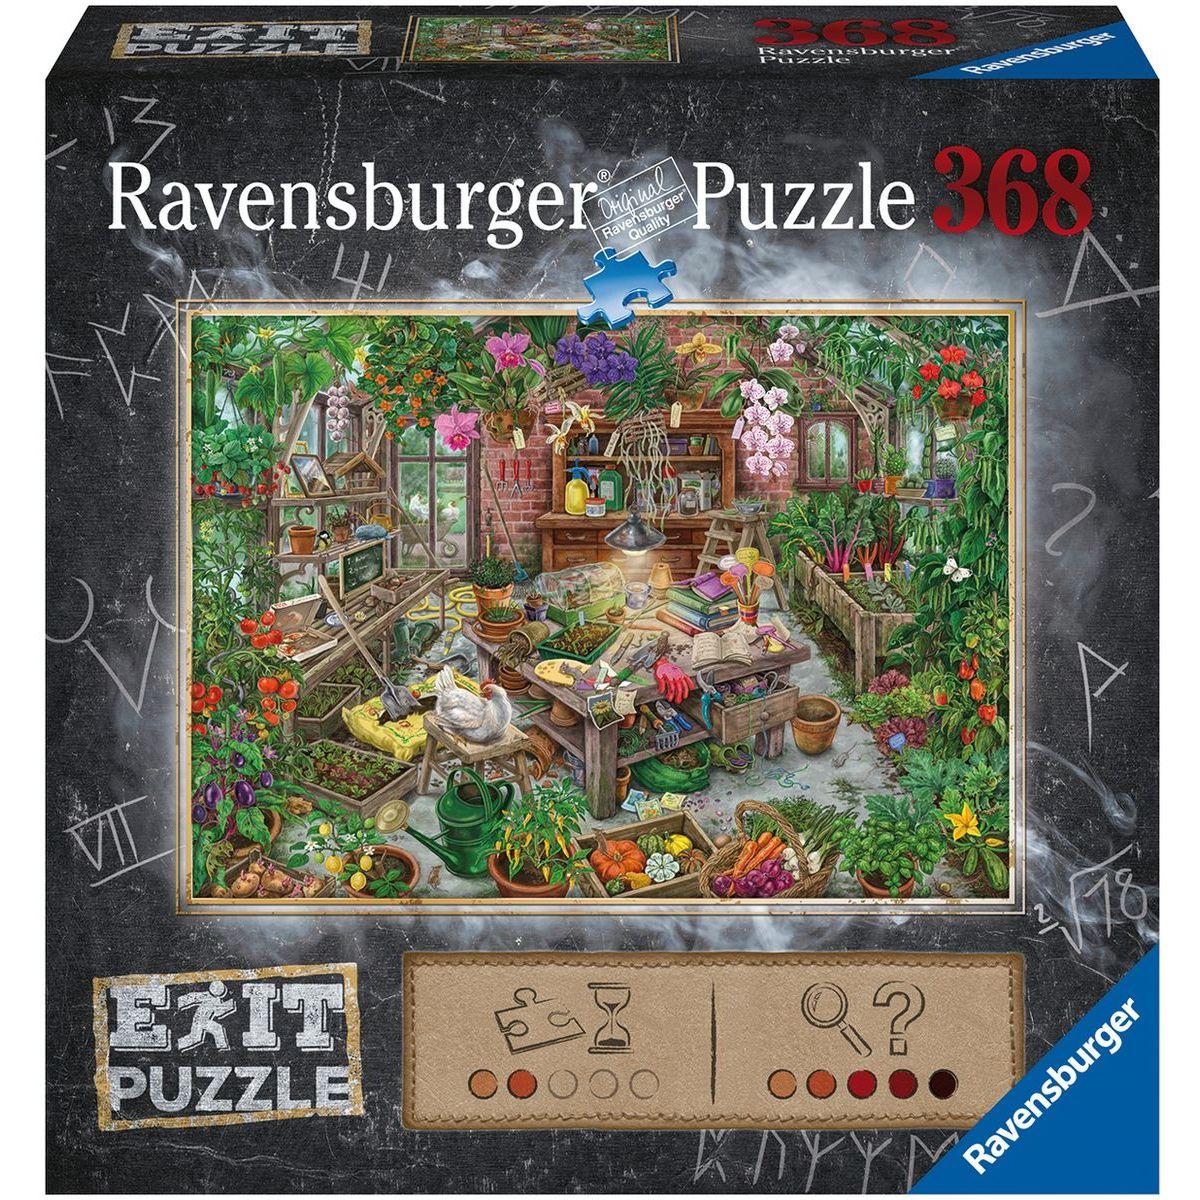 Ravensburger puzzle 164837 Exit Puzzle Skleník 368 dielikov